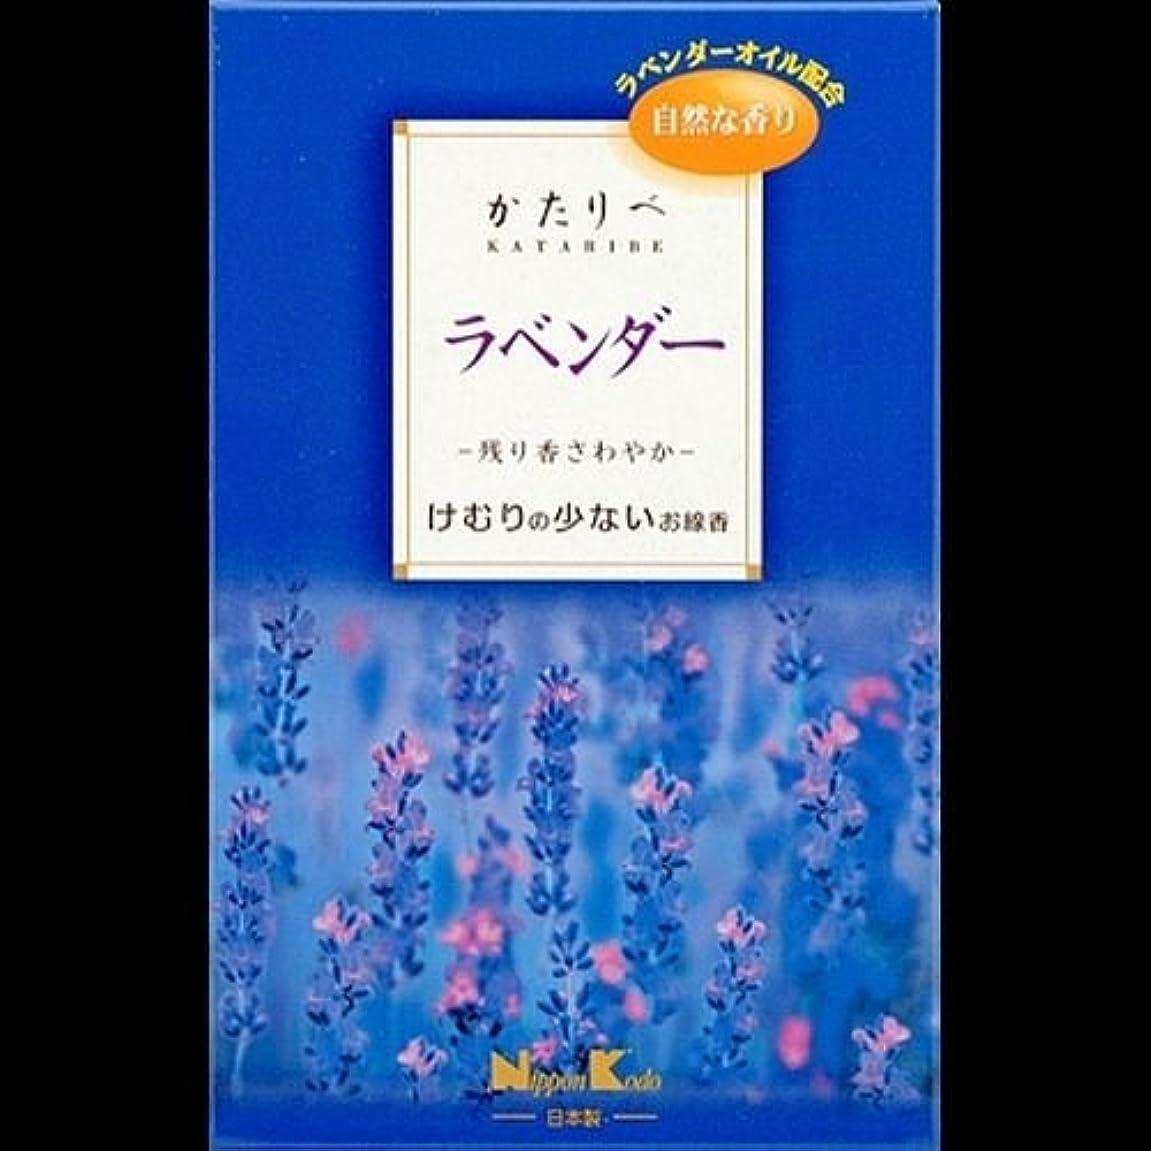 ネイティブピーブ【まとめ買い】かたりべ ラベンダー 大型バラ詰 ×2セット